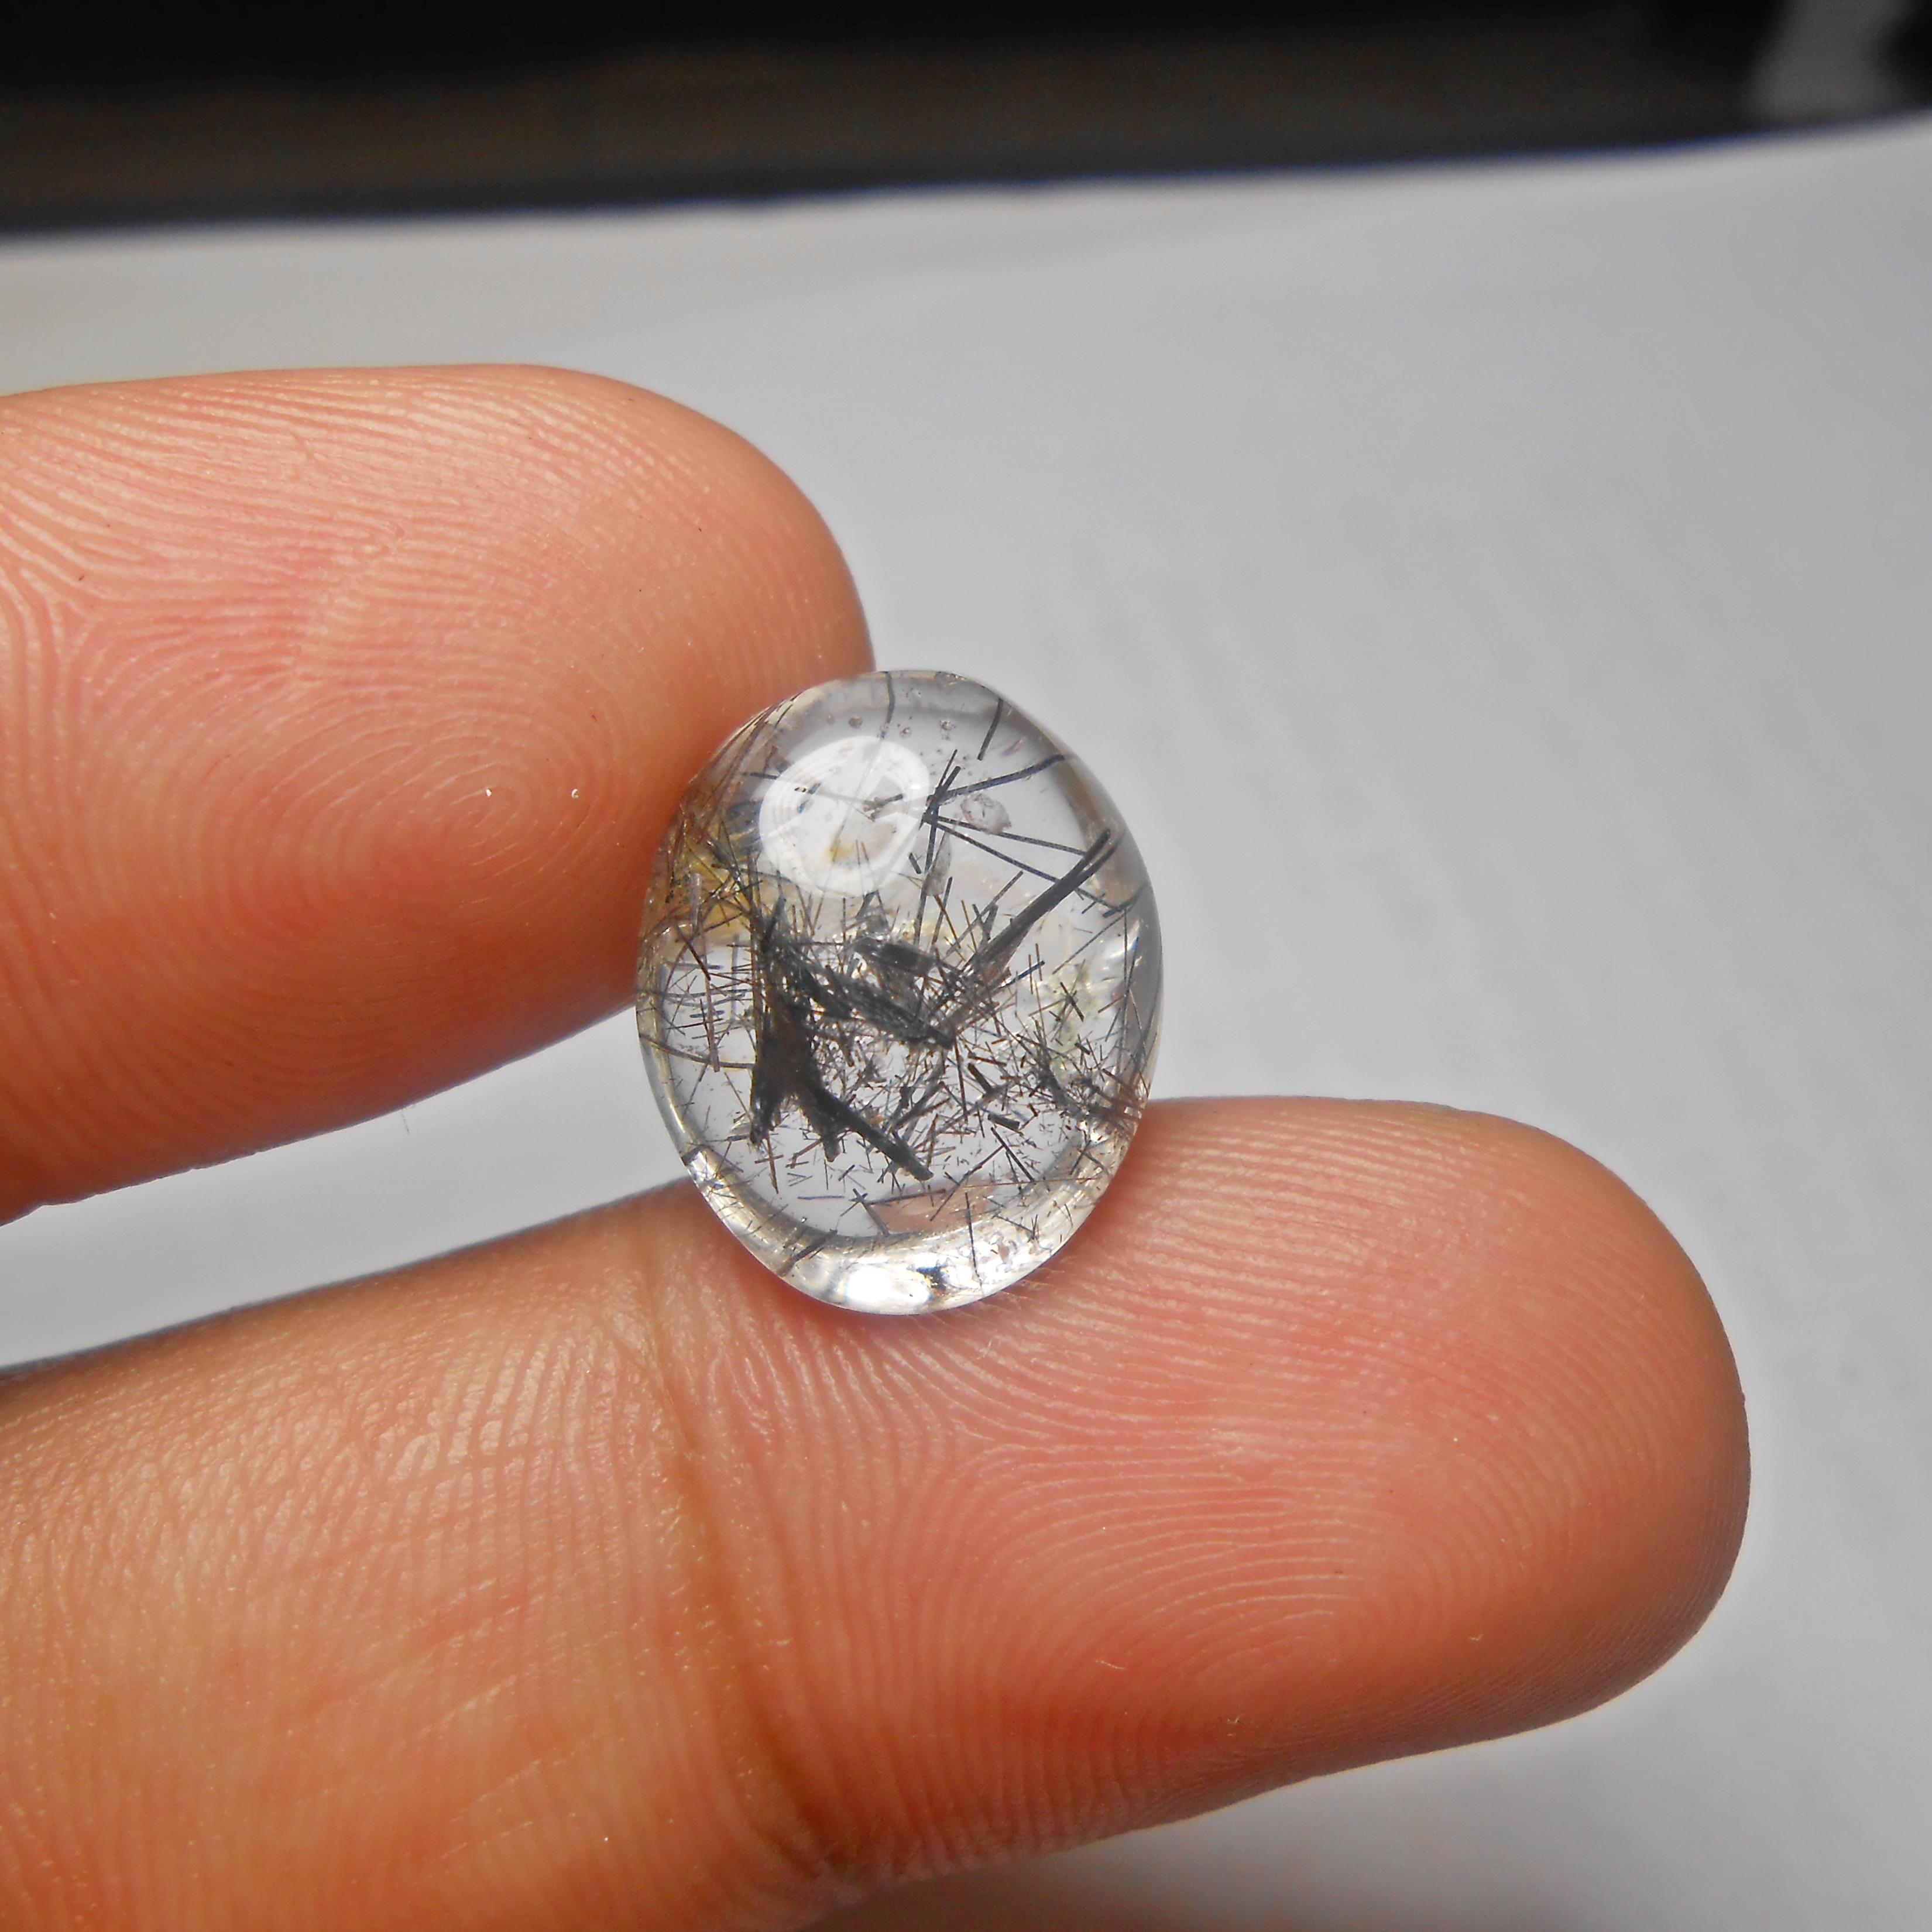 แก้วขนเหล็ก เส้นกระจาย +กาบประกายรุ้ง ขนาด1.6 x 1.2 cm ทำหัวแหวน จี้